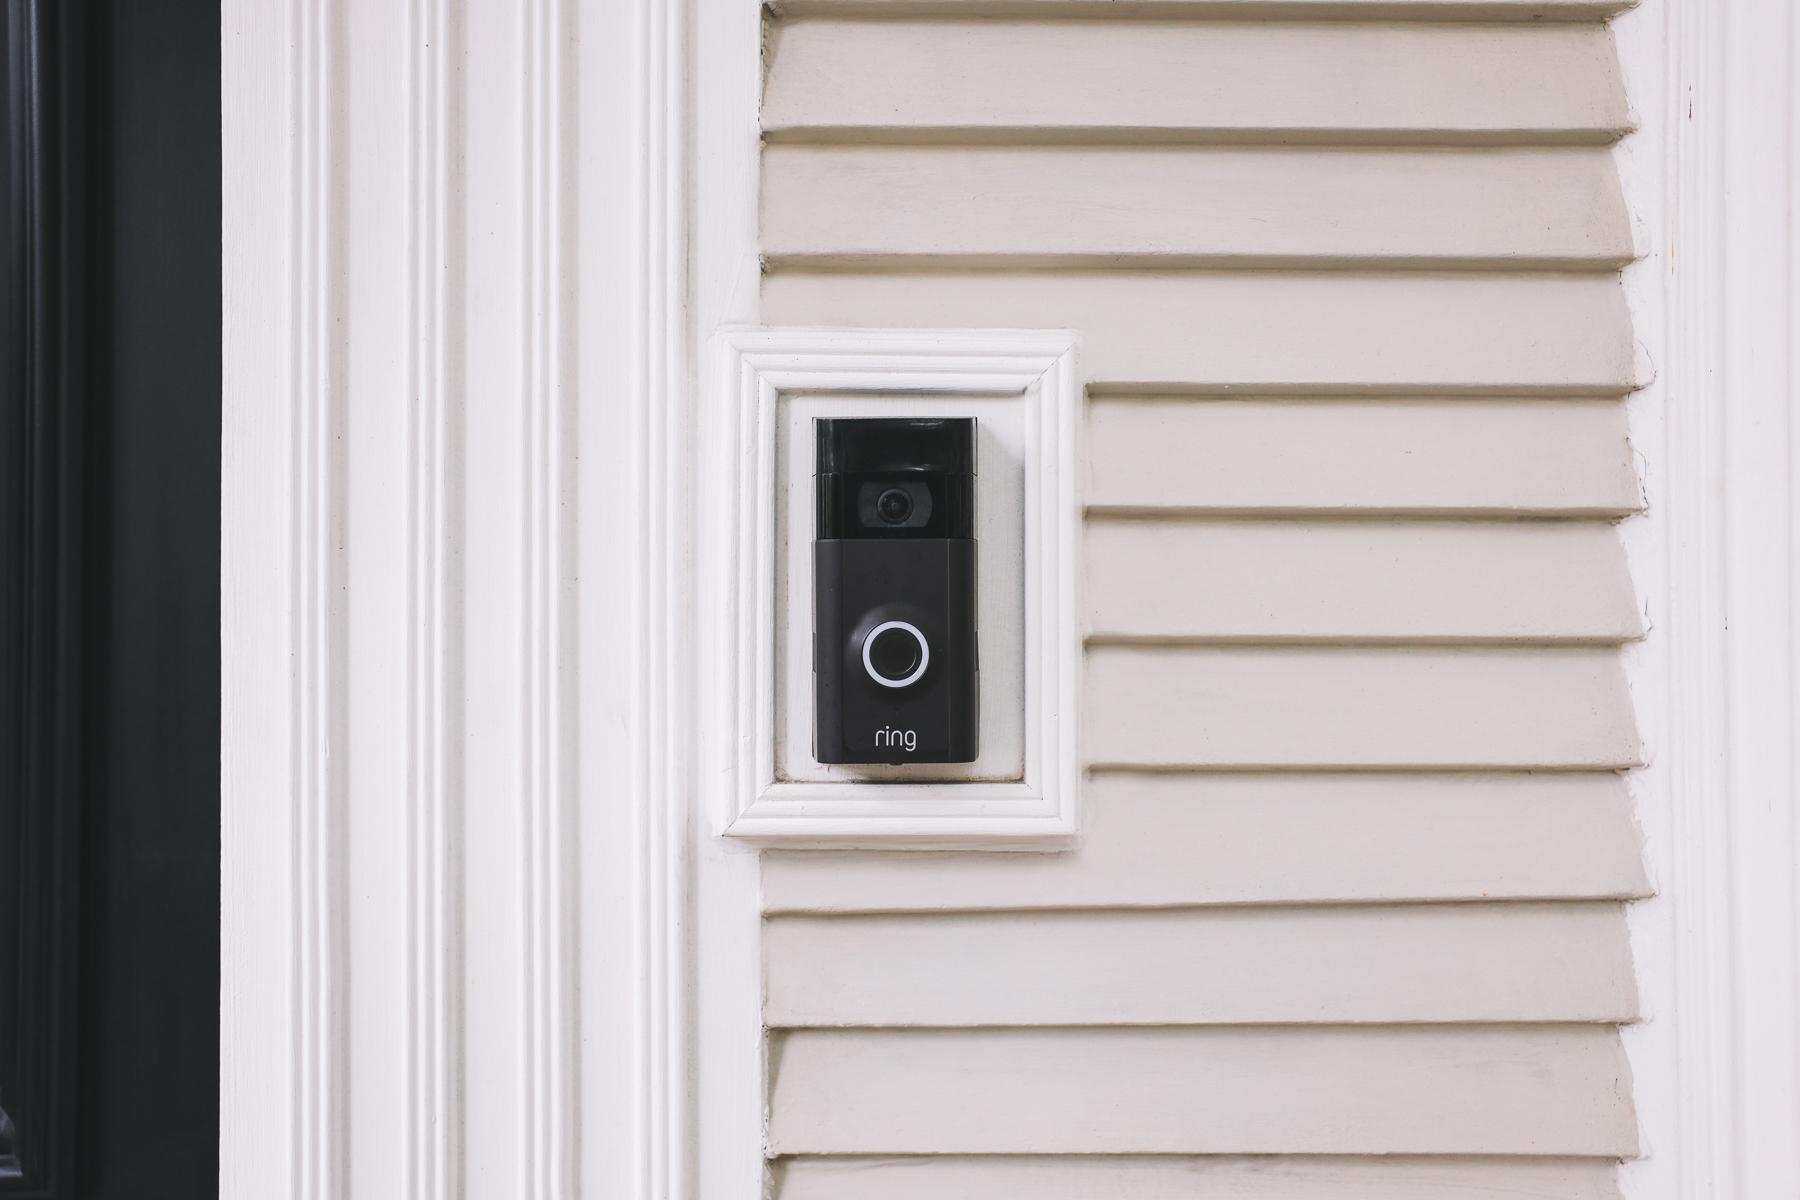 smart Doorbell and security